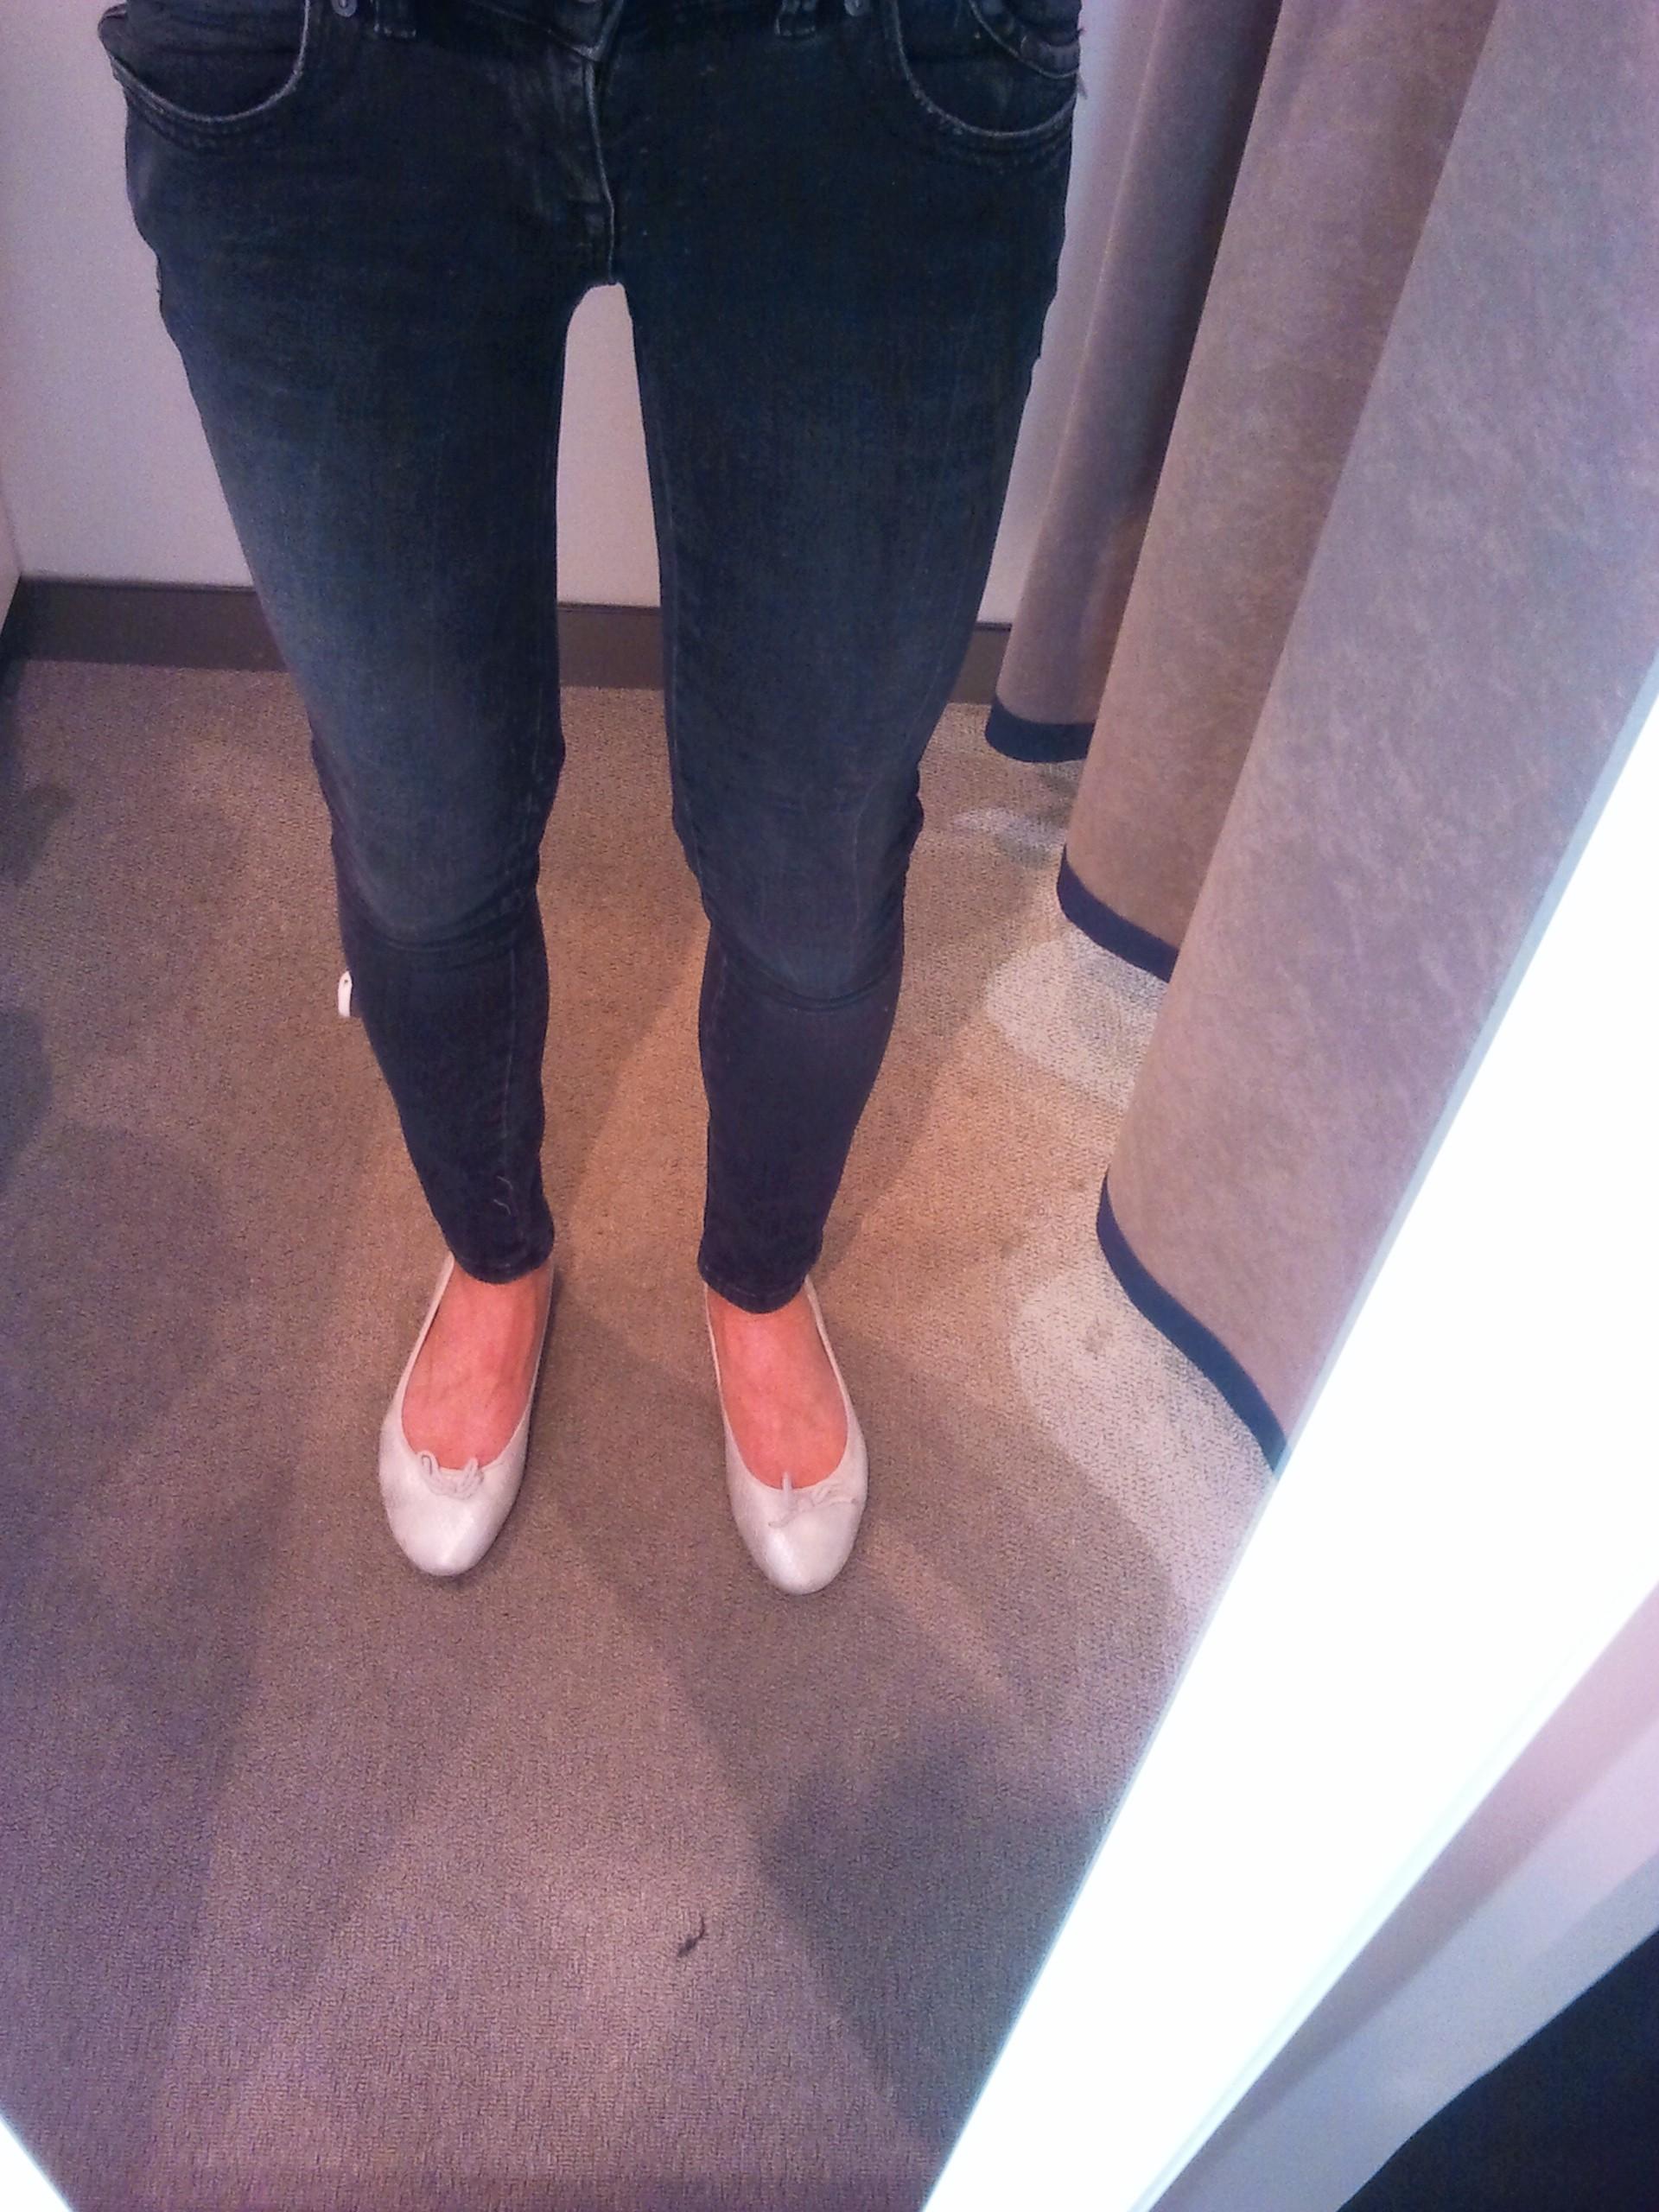 Passt das Outfit zusammen (Skinny+Stiefel/Ballerinas